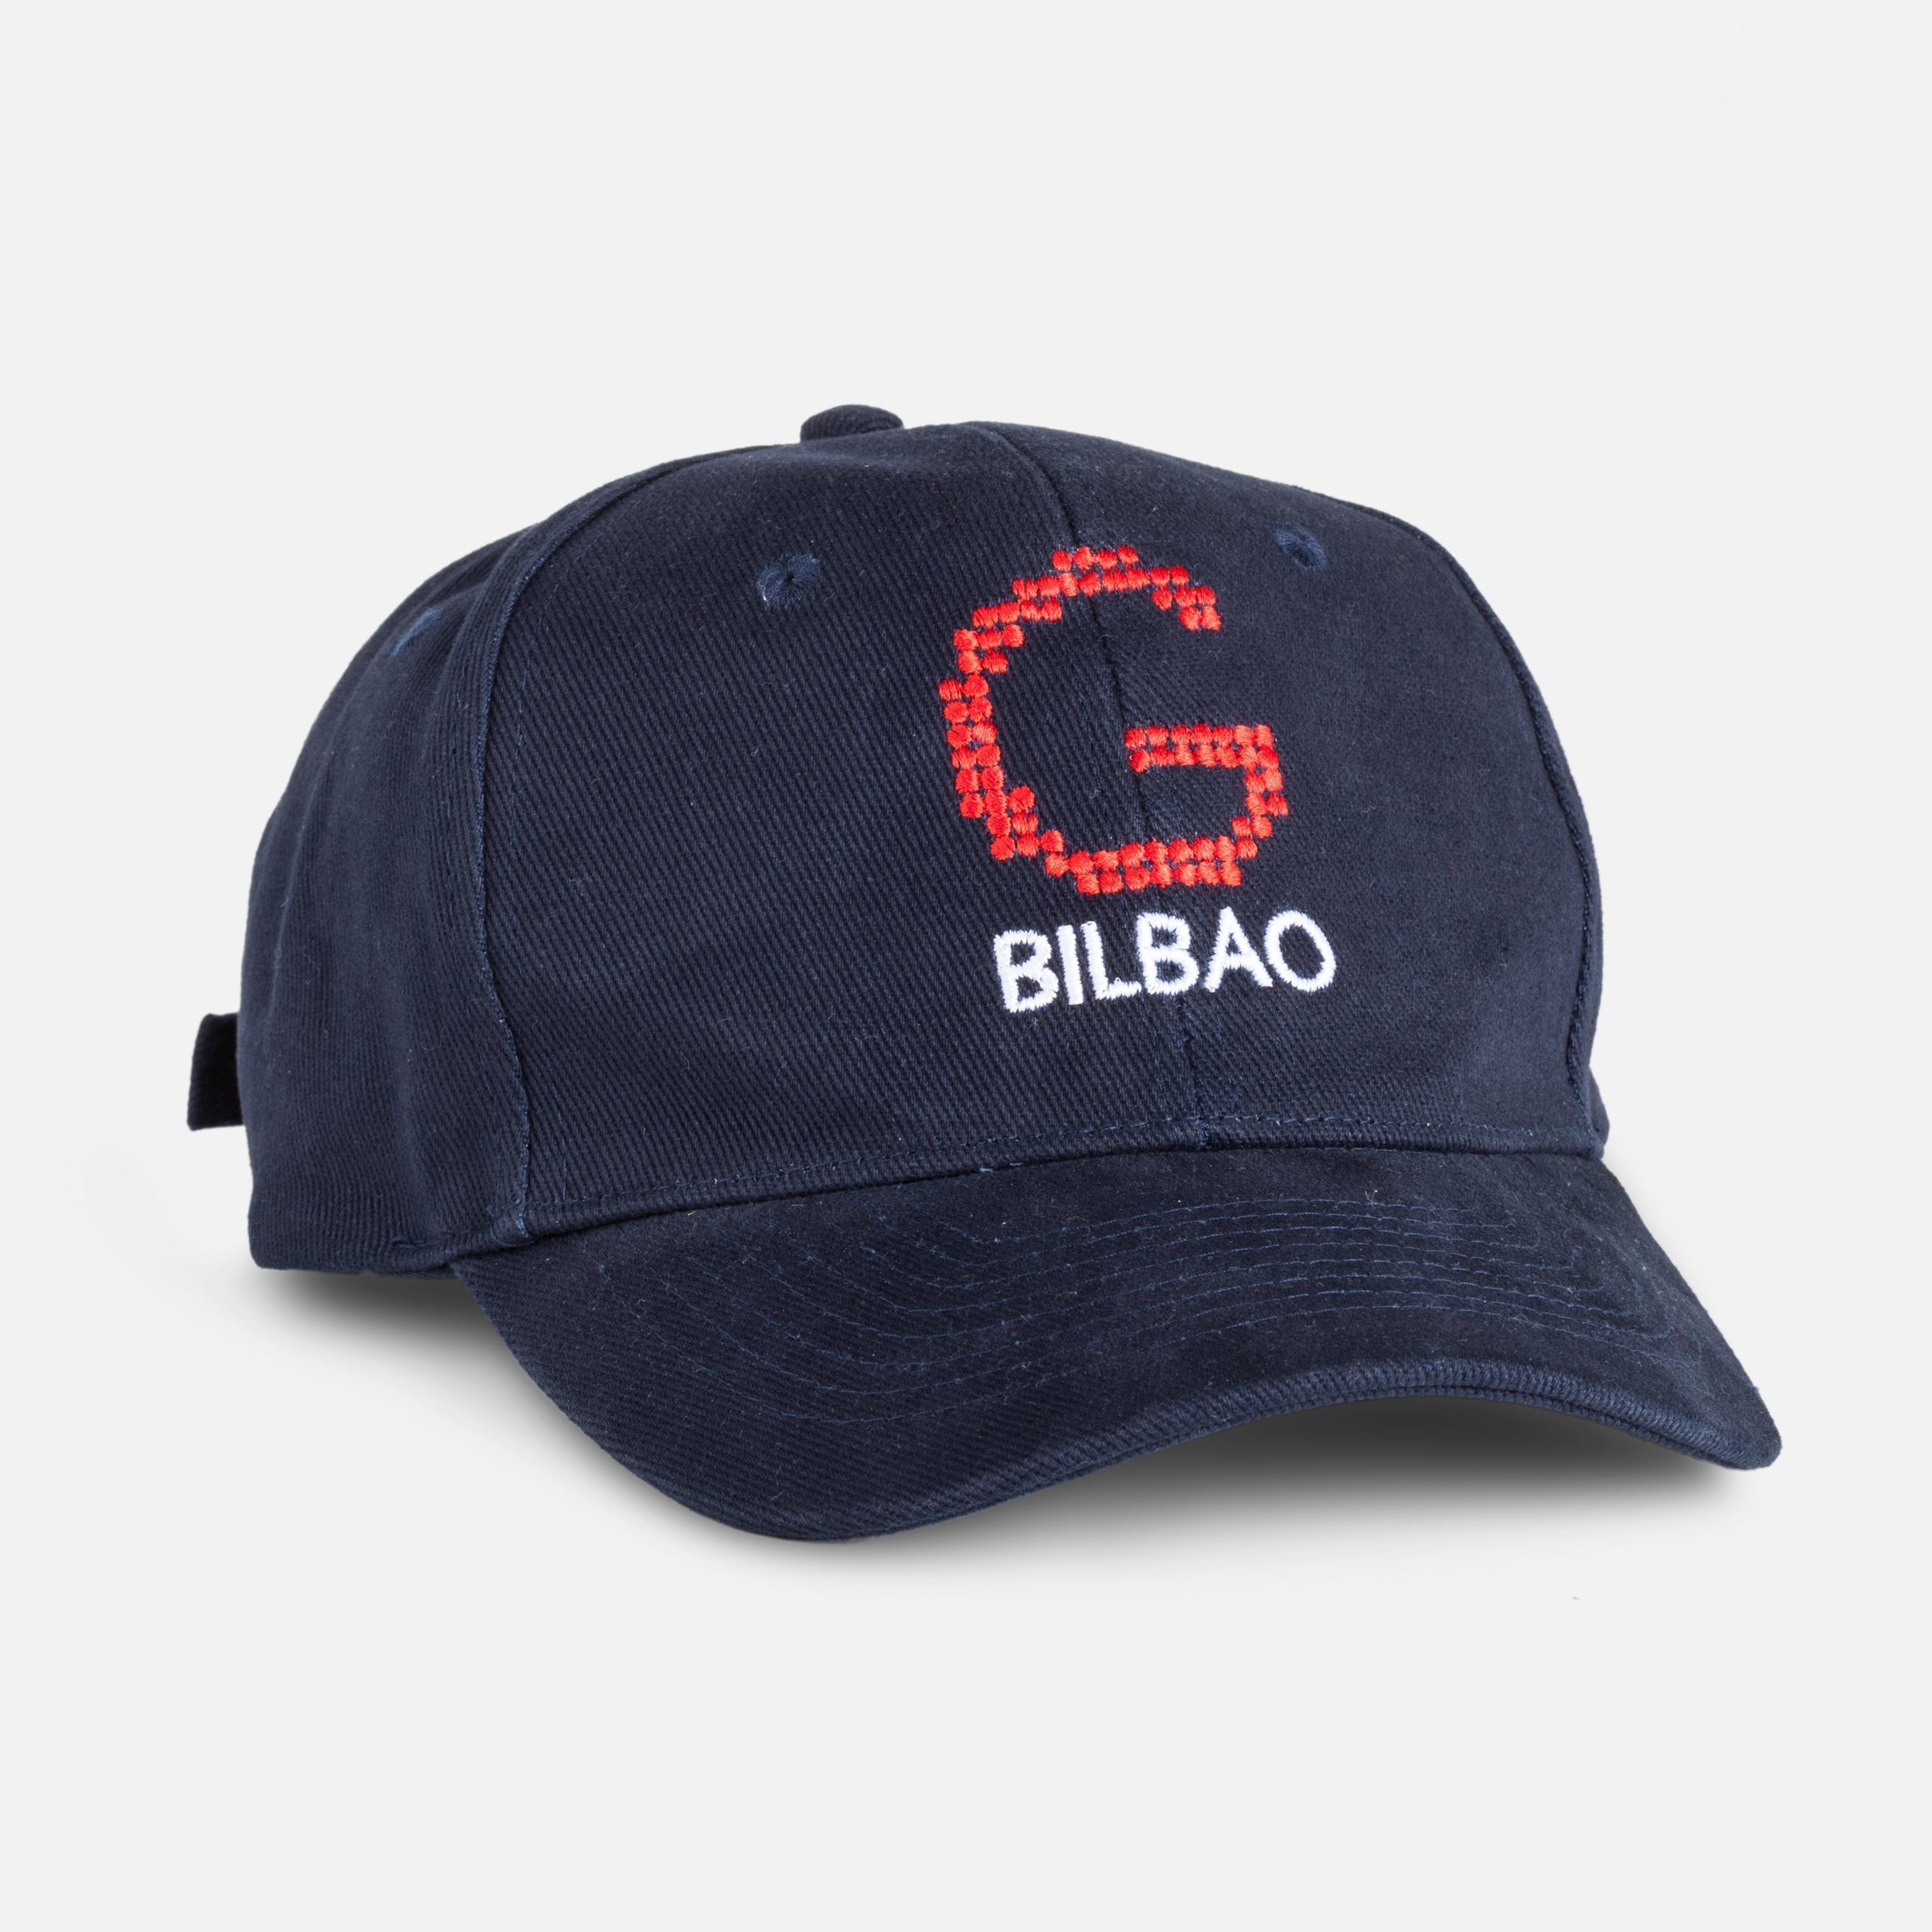 G ADULT'S cap